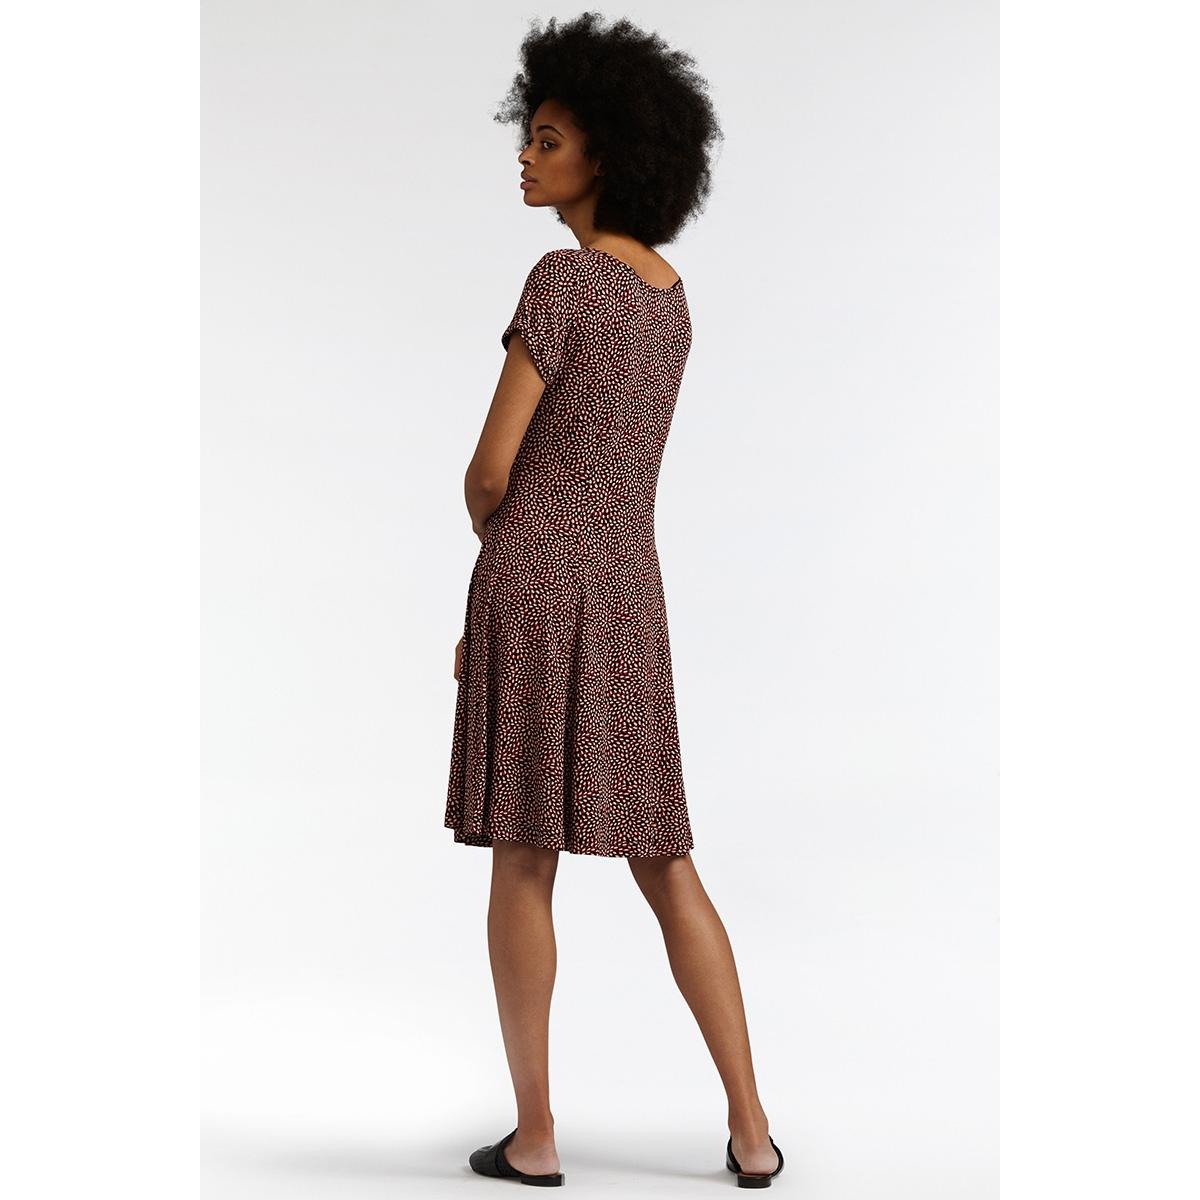 zwierige jurk met print 23001559 sandwich jurk 20145